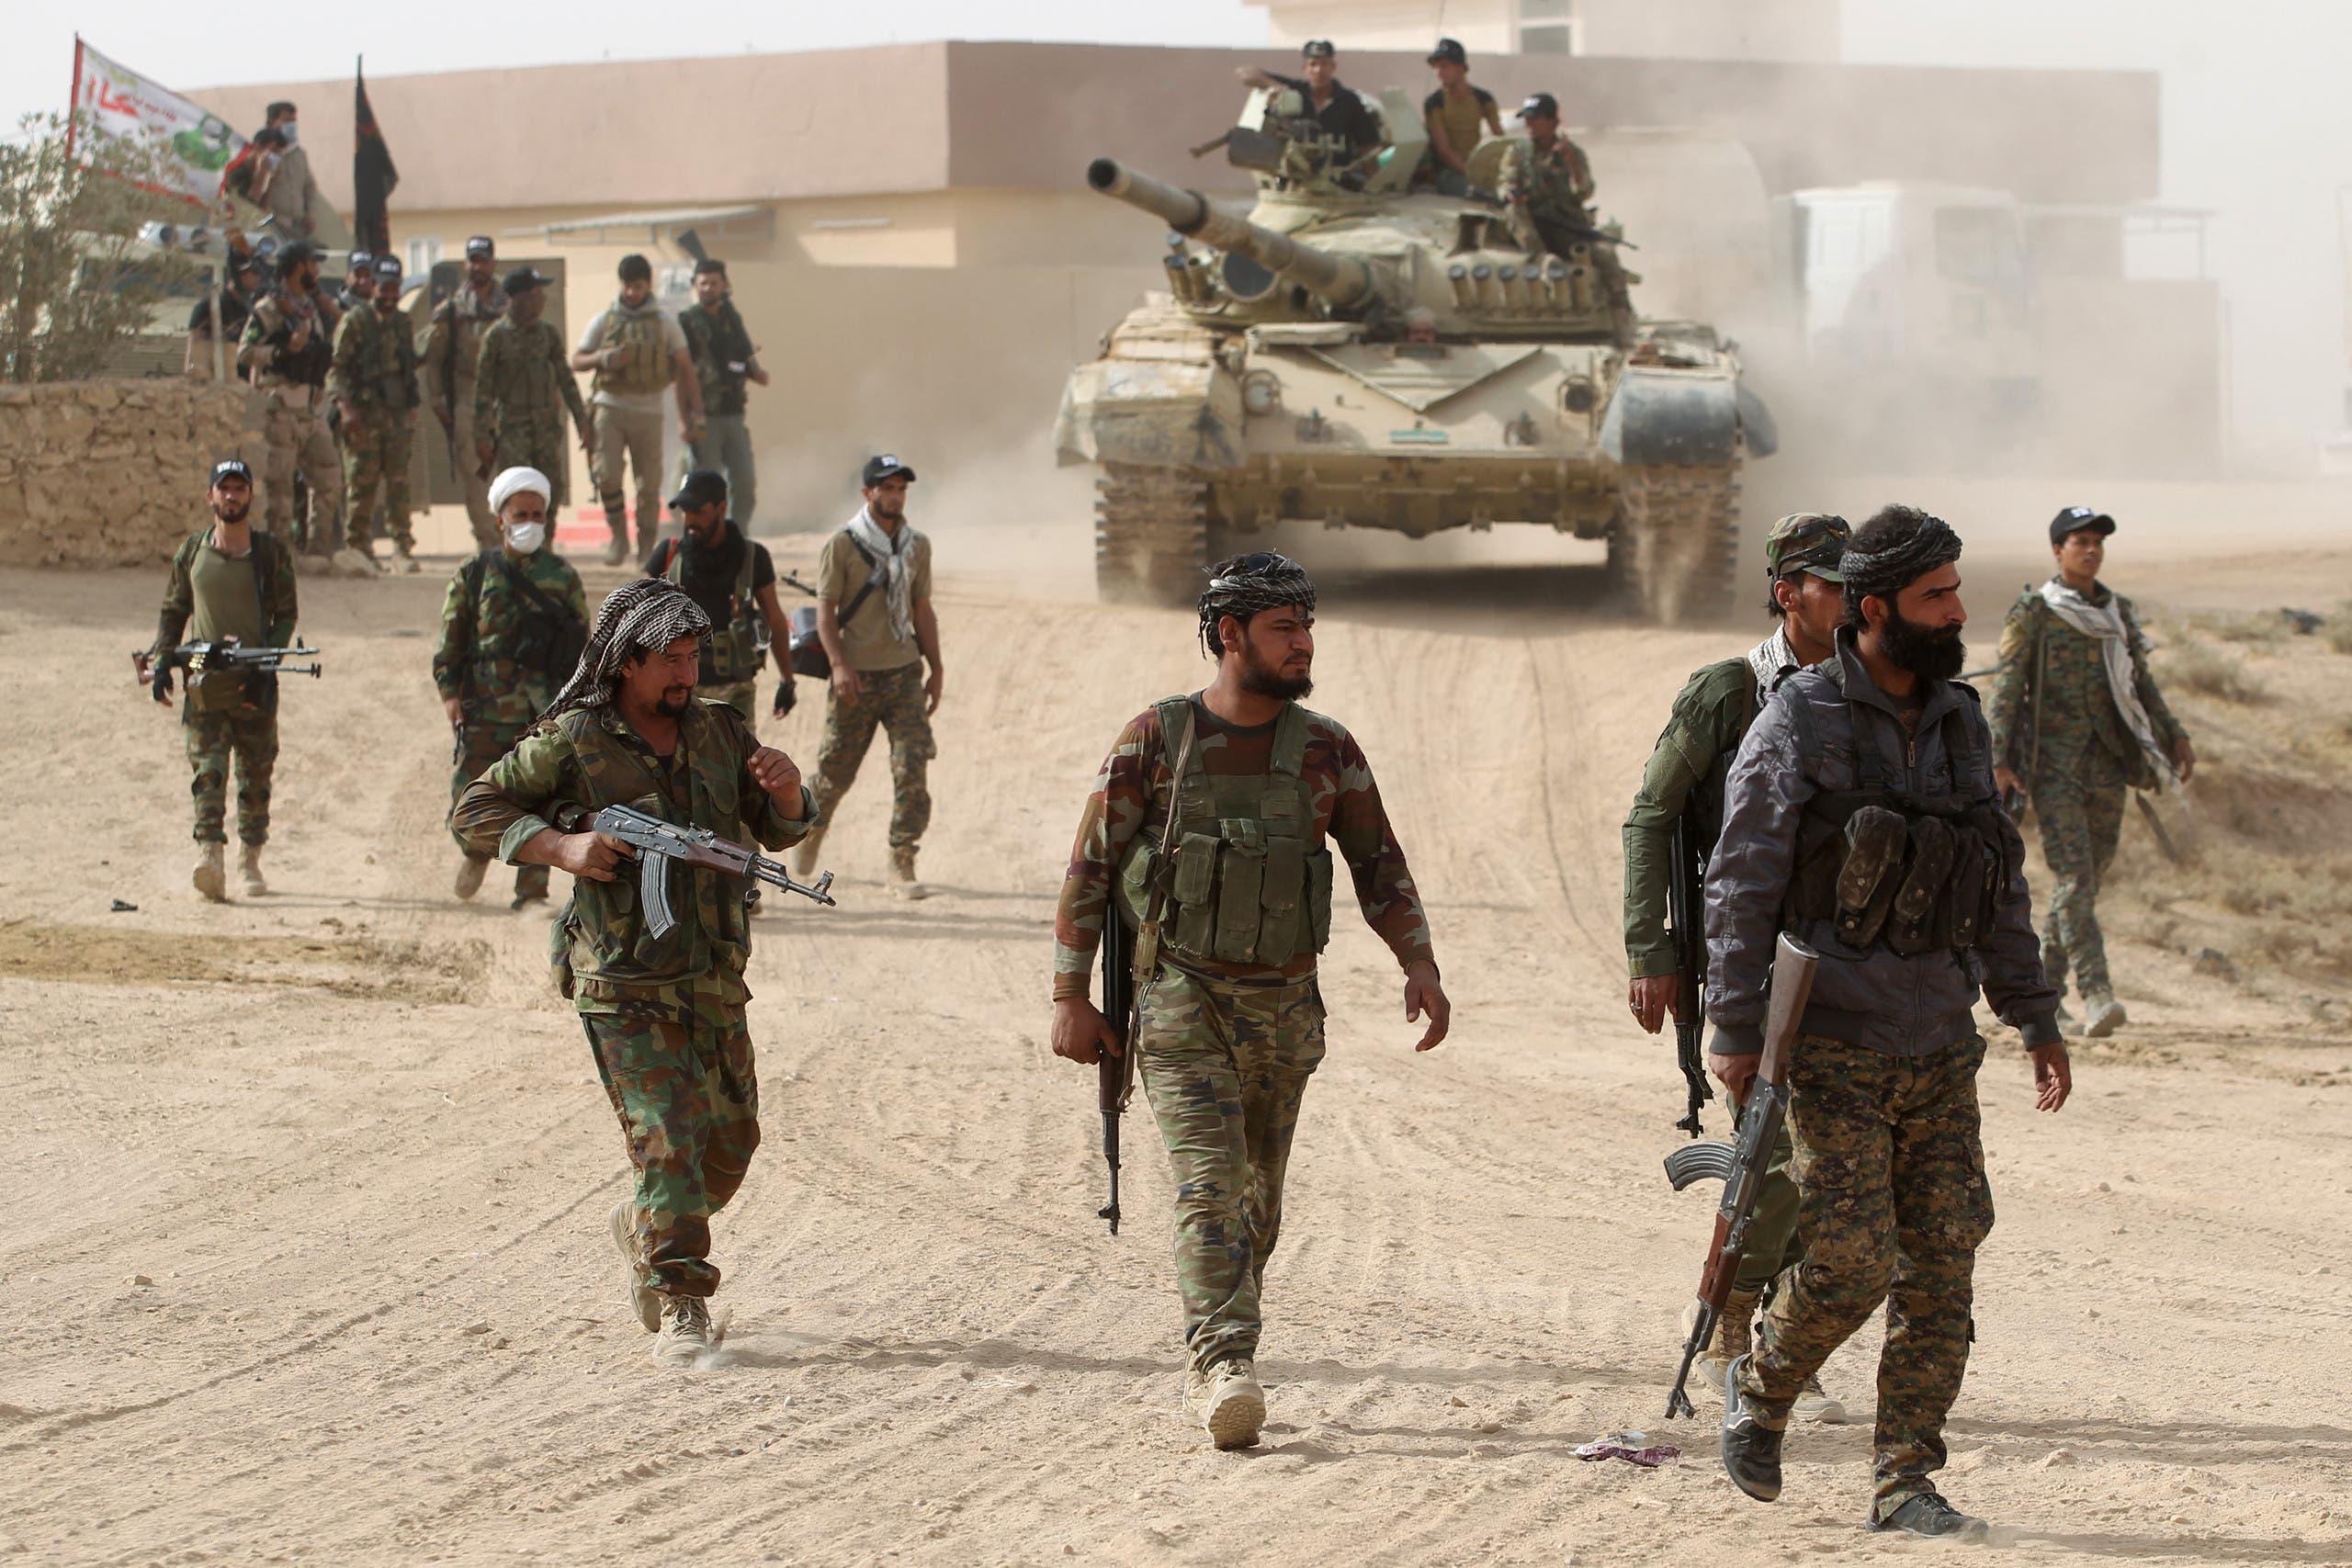 عناصر من ميليشيات الحشد الشعبي في الموصل